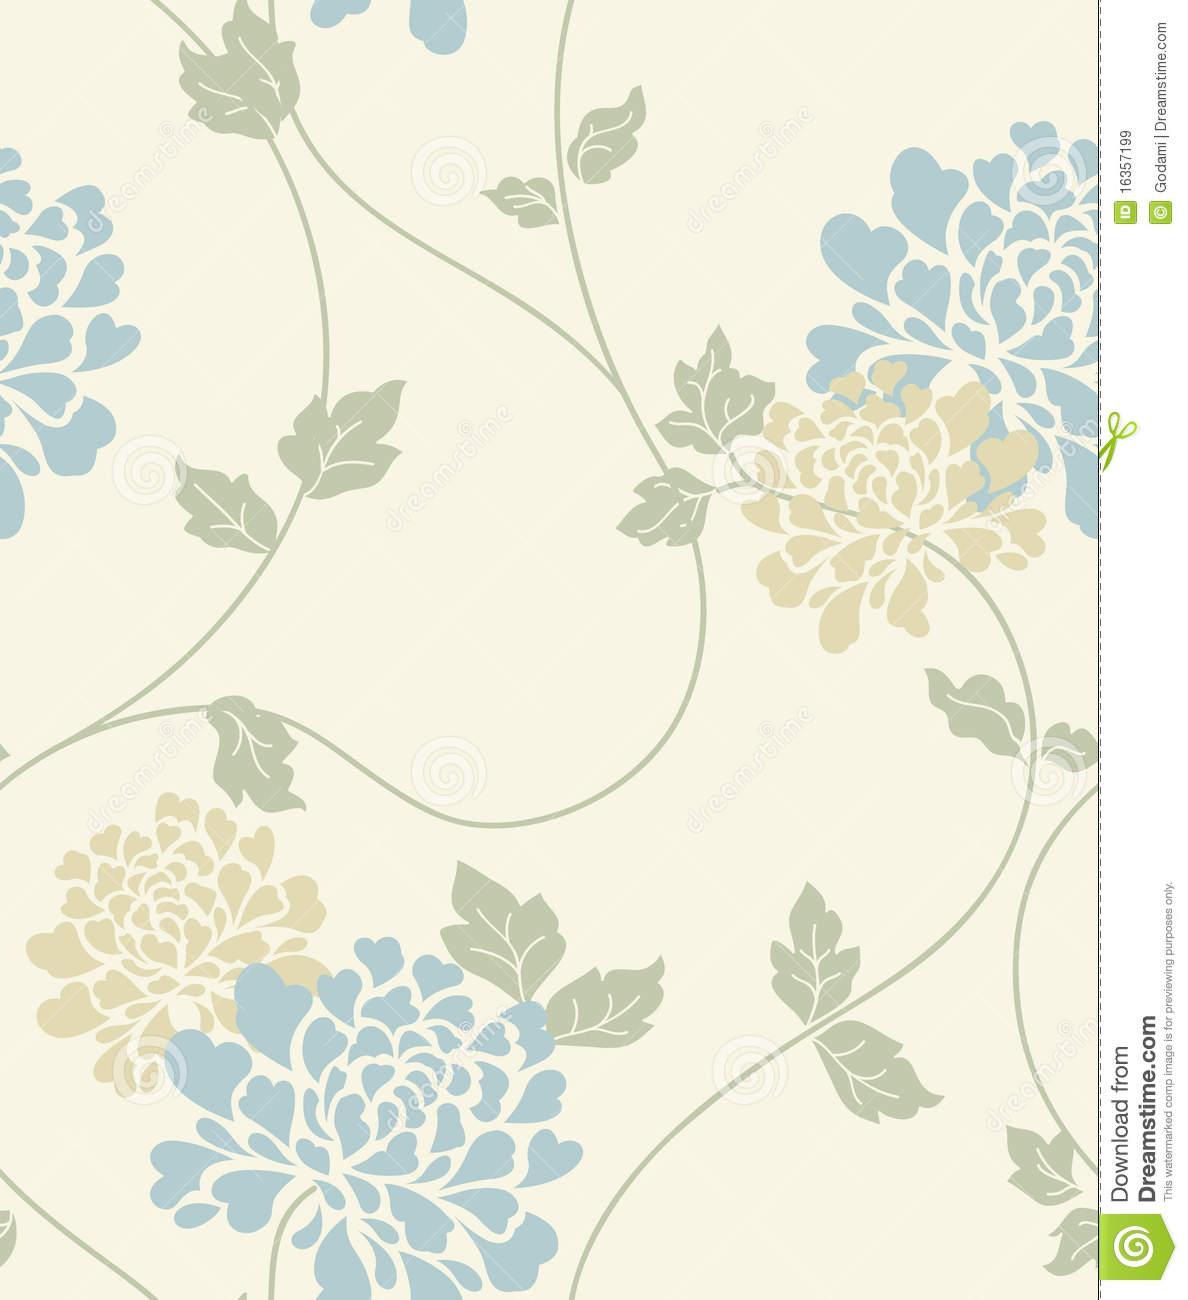 Free Download Light Blue Floral Wallpaper Light Floral Vintage